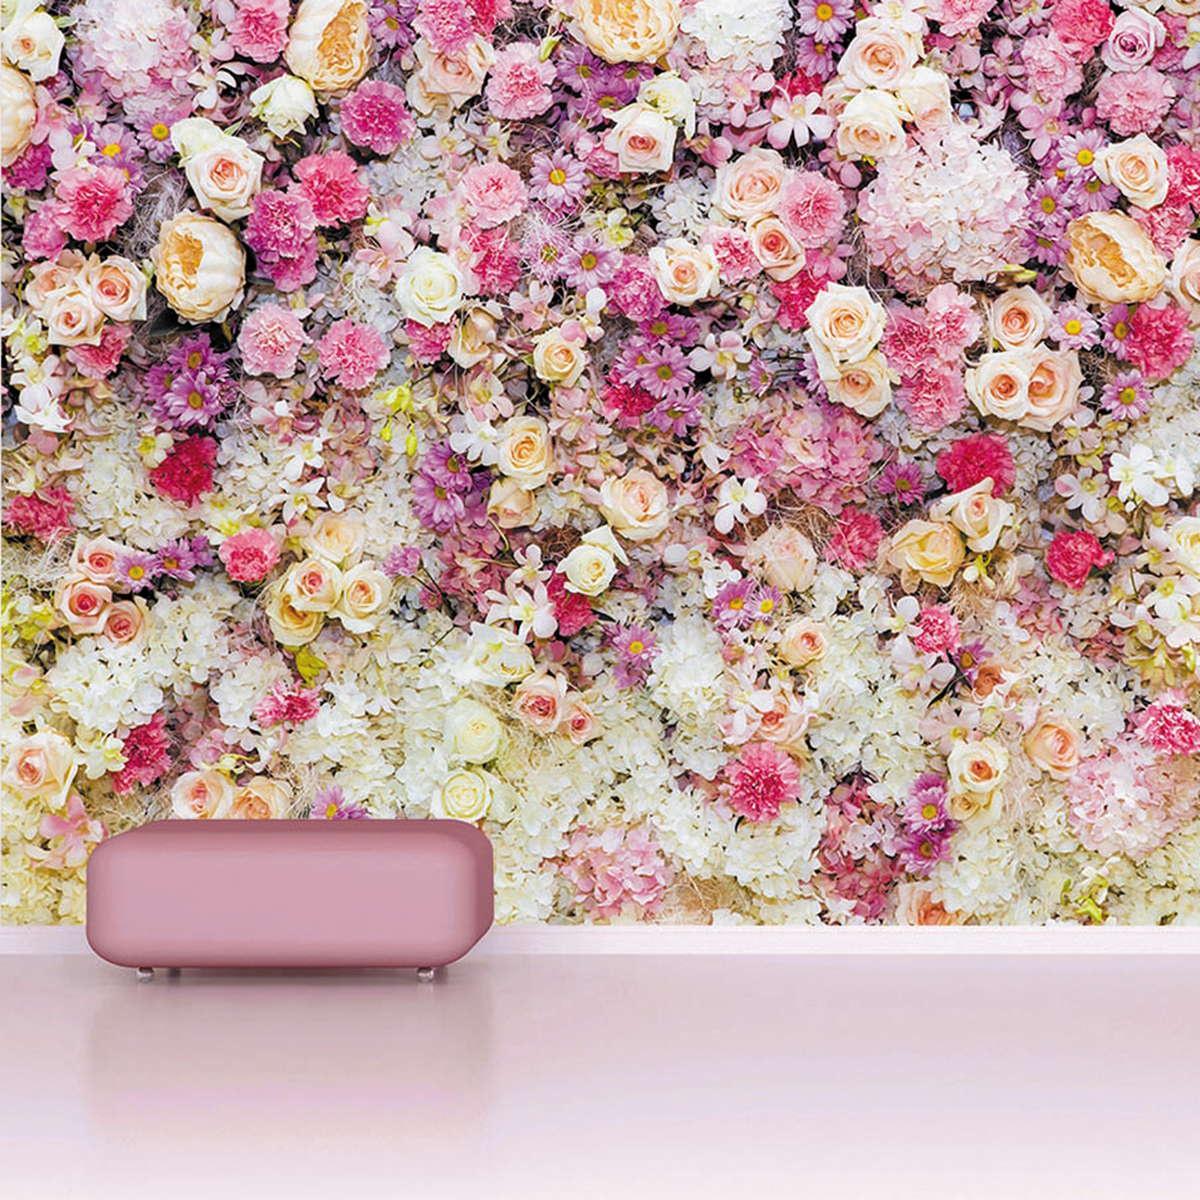 Красивые, картинки с цветочным фоном